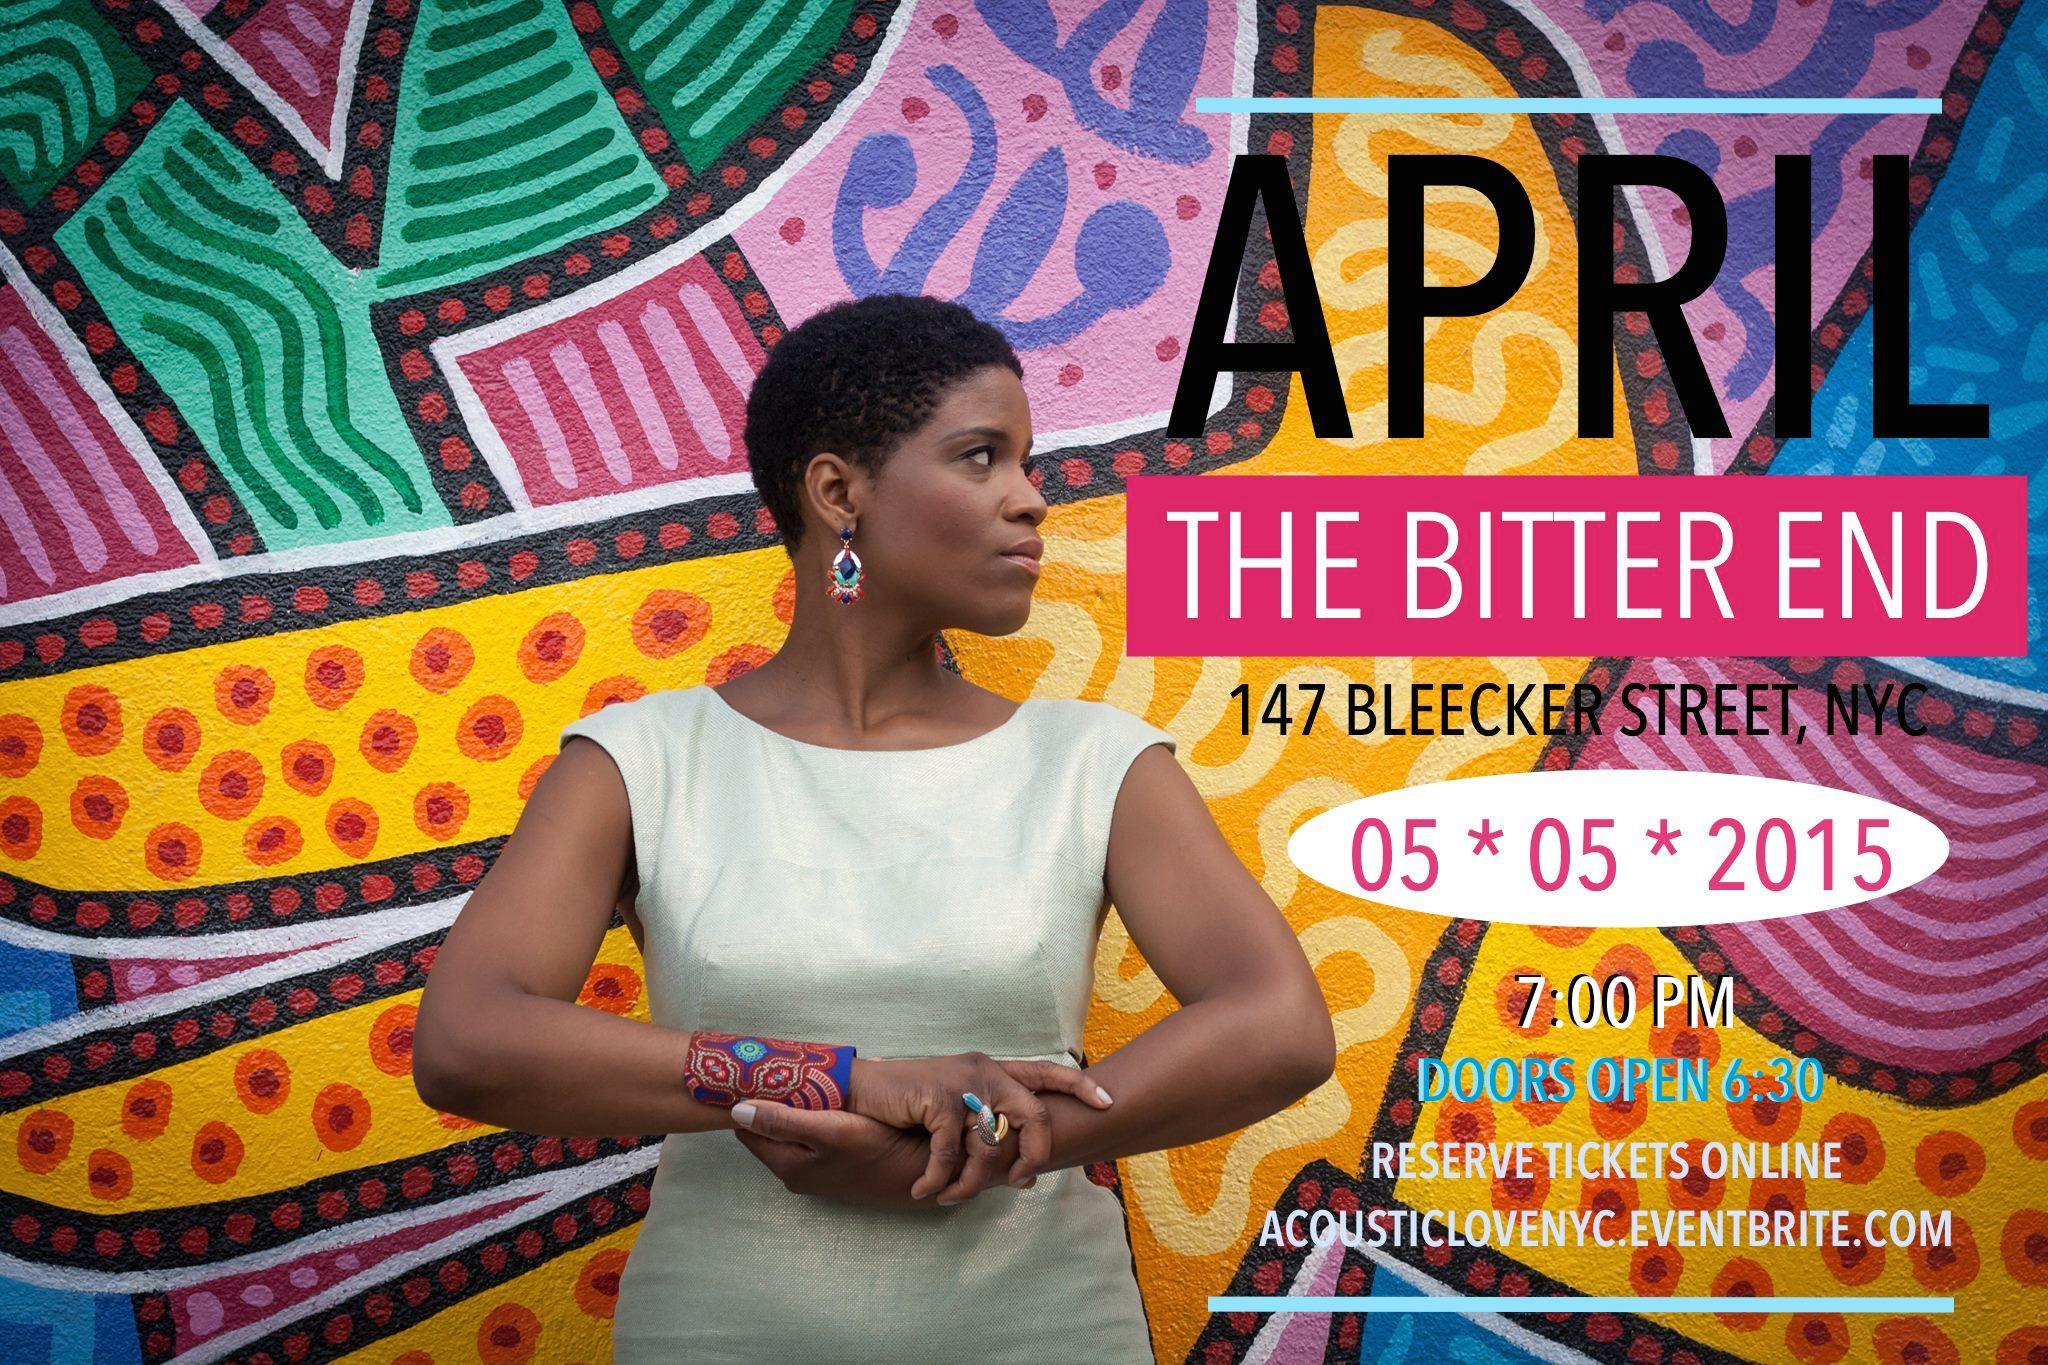 april in concert-bitter end flyer.jpeg